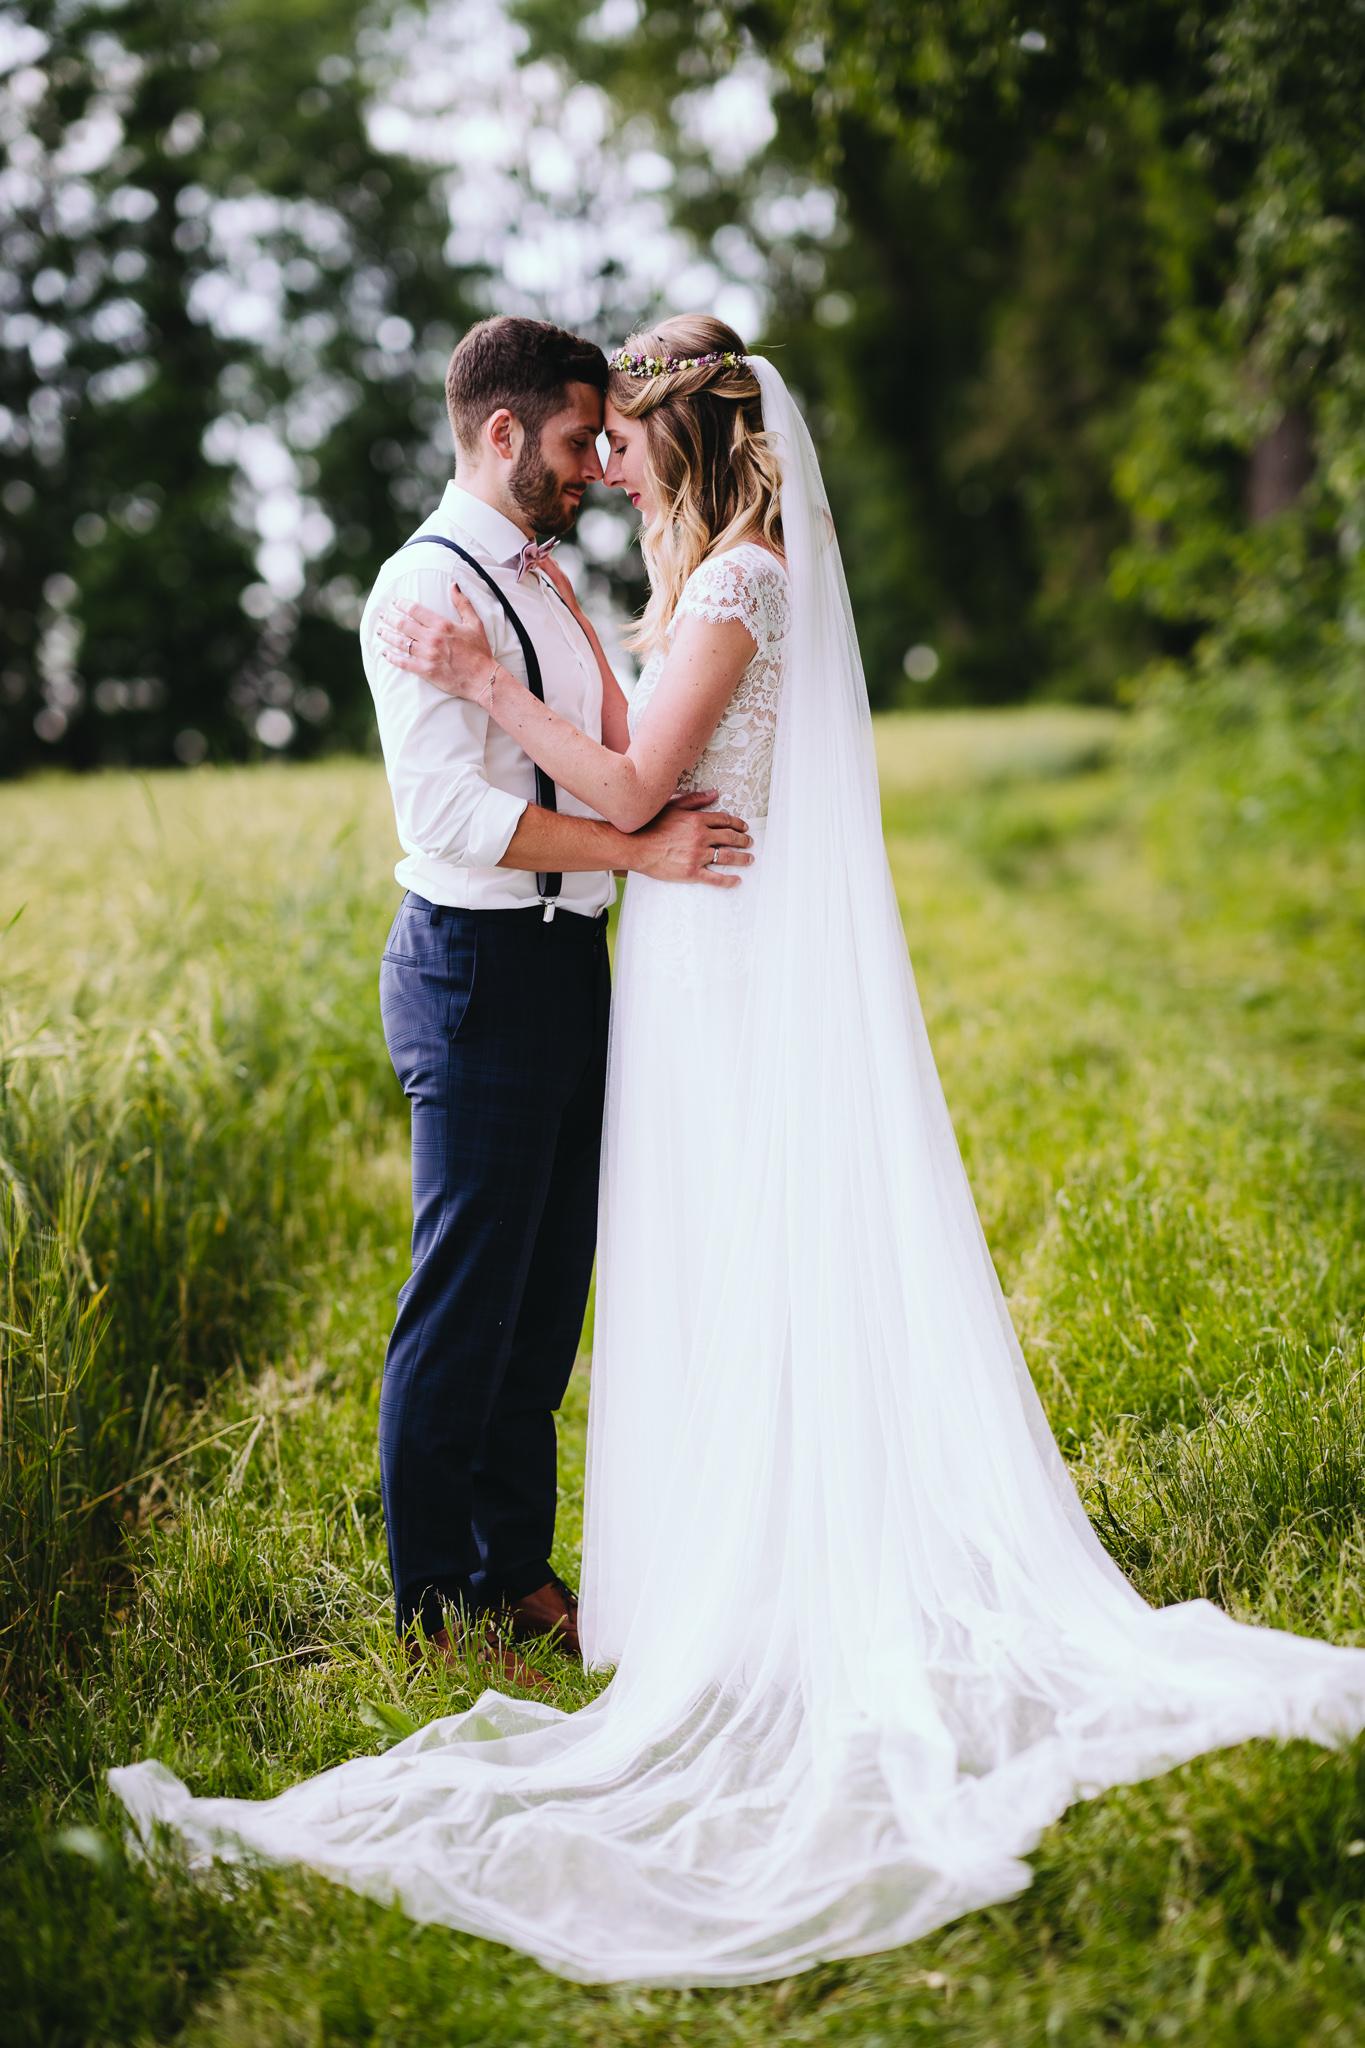 Brautpaar eng umschlungen